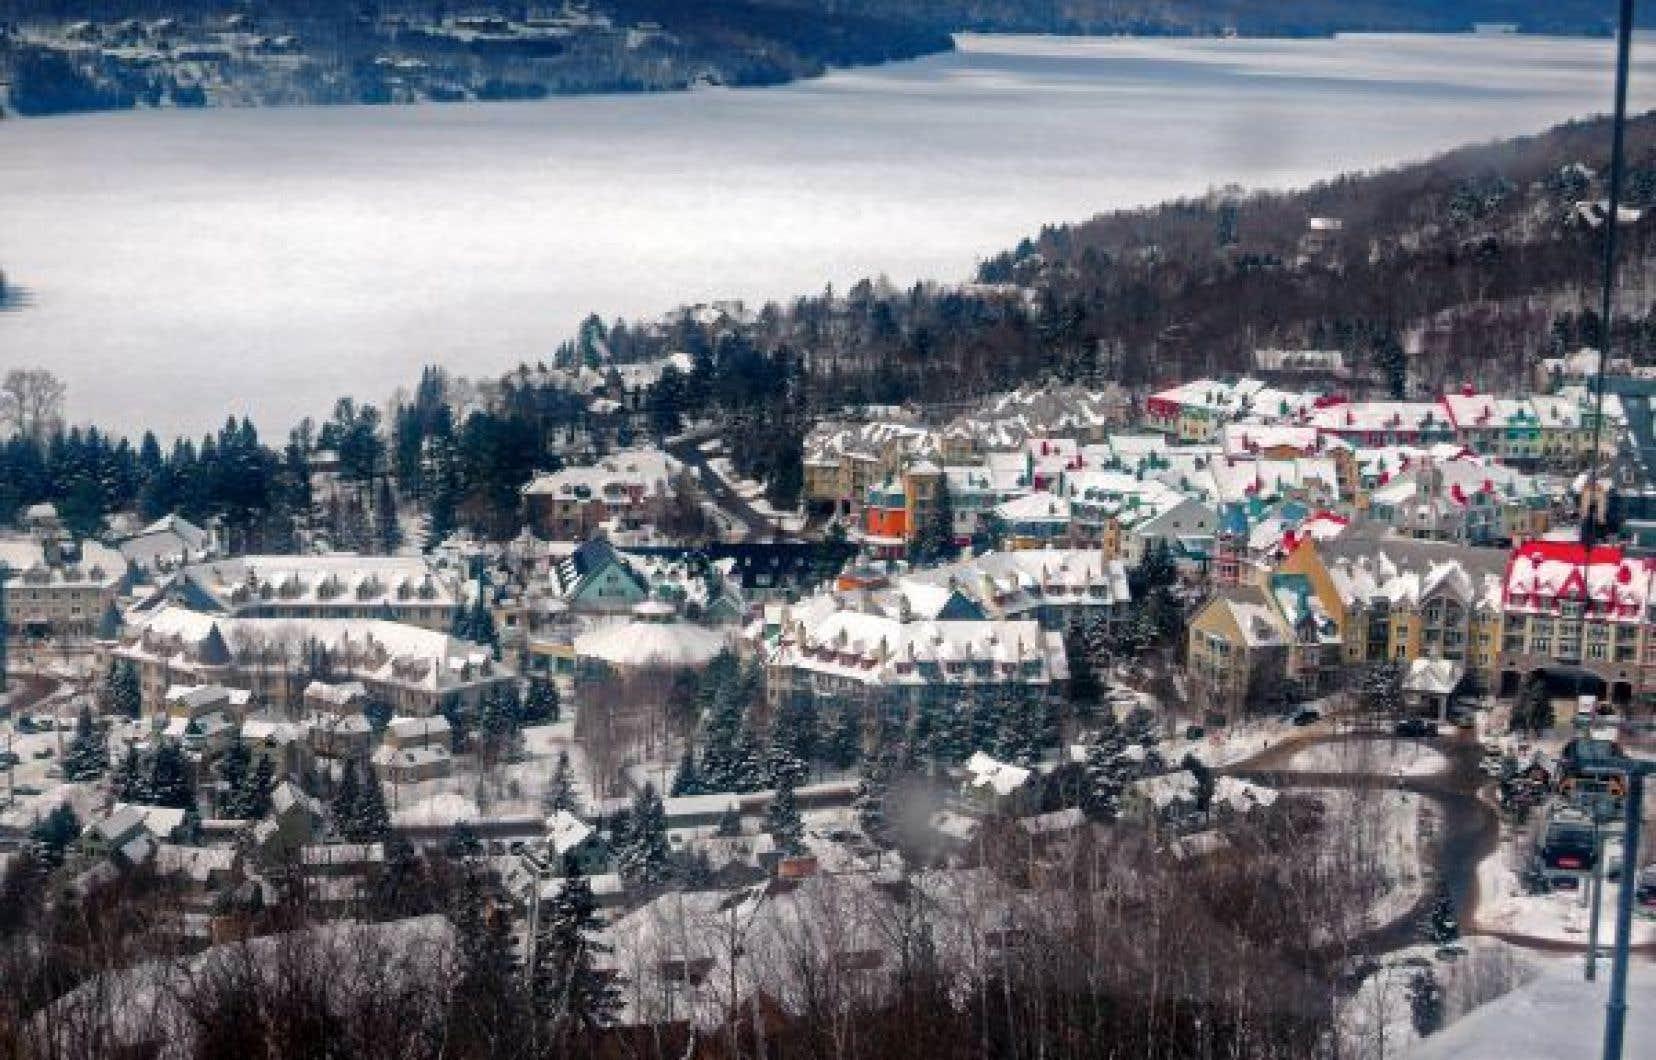 Les municipalités touristiques, comme Mont-Tremblant, craignent que le va-et-vient de touristes sur leur territoire entraîne un risque accru de contagion.